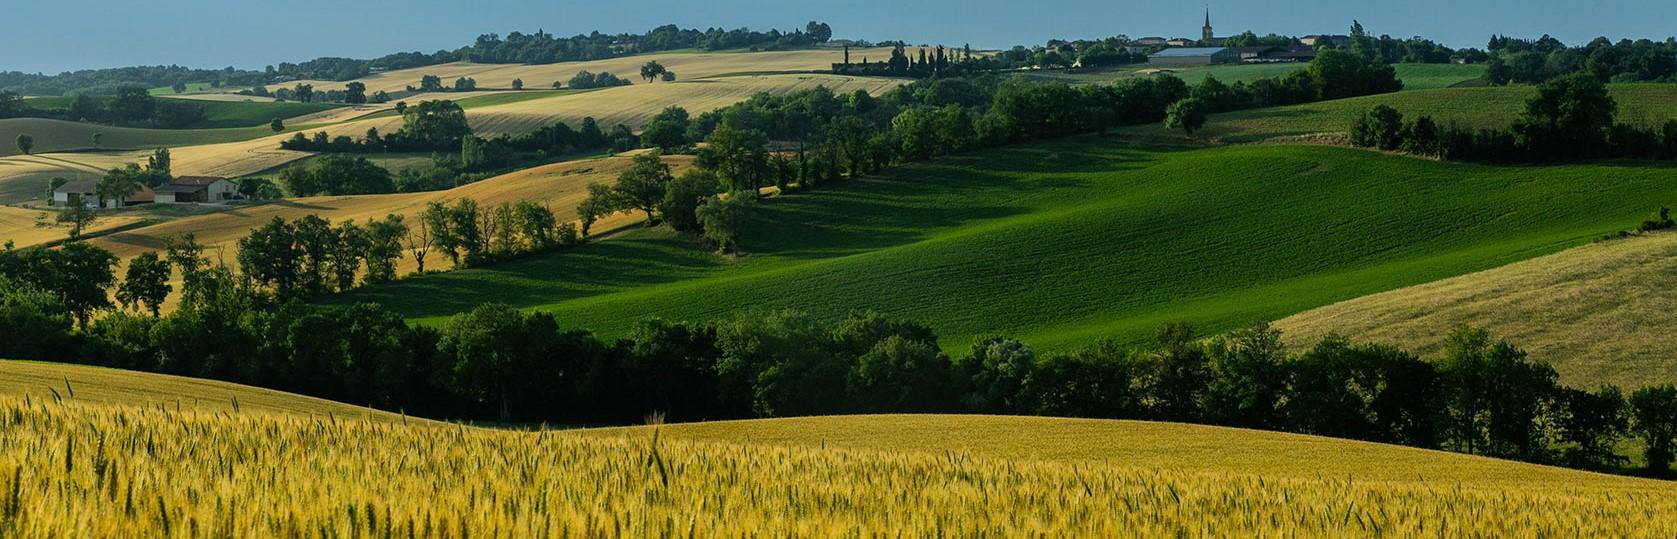 Communautés de communes et agriculteurs : construire l'agroécologie localement